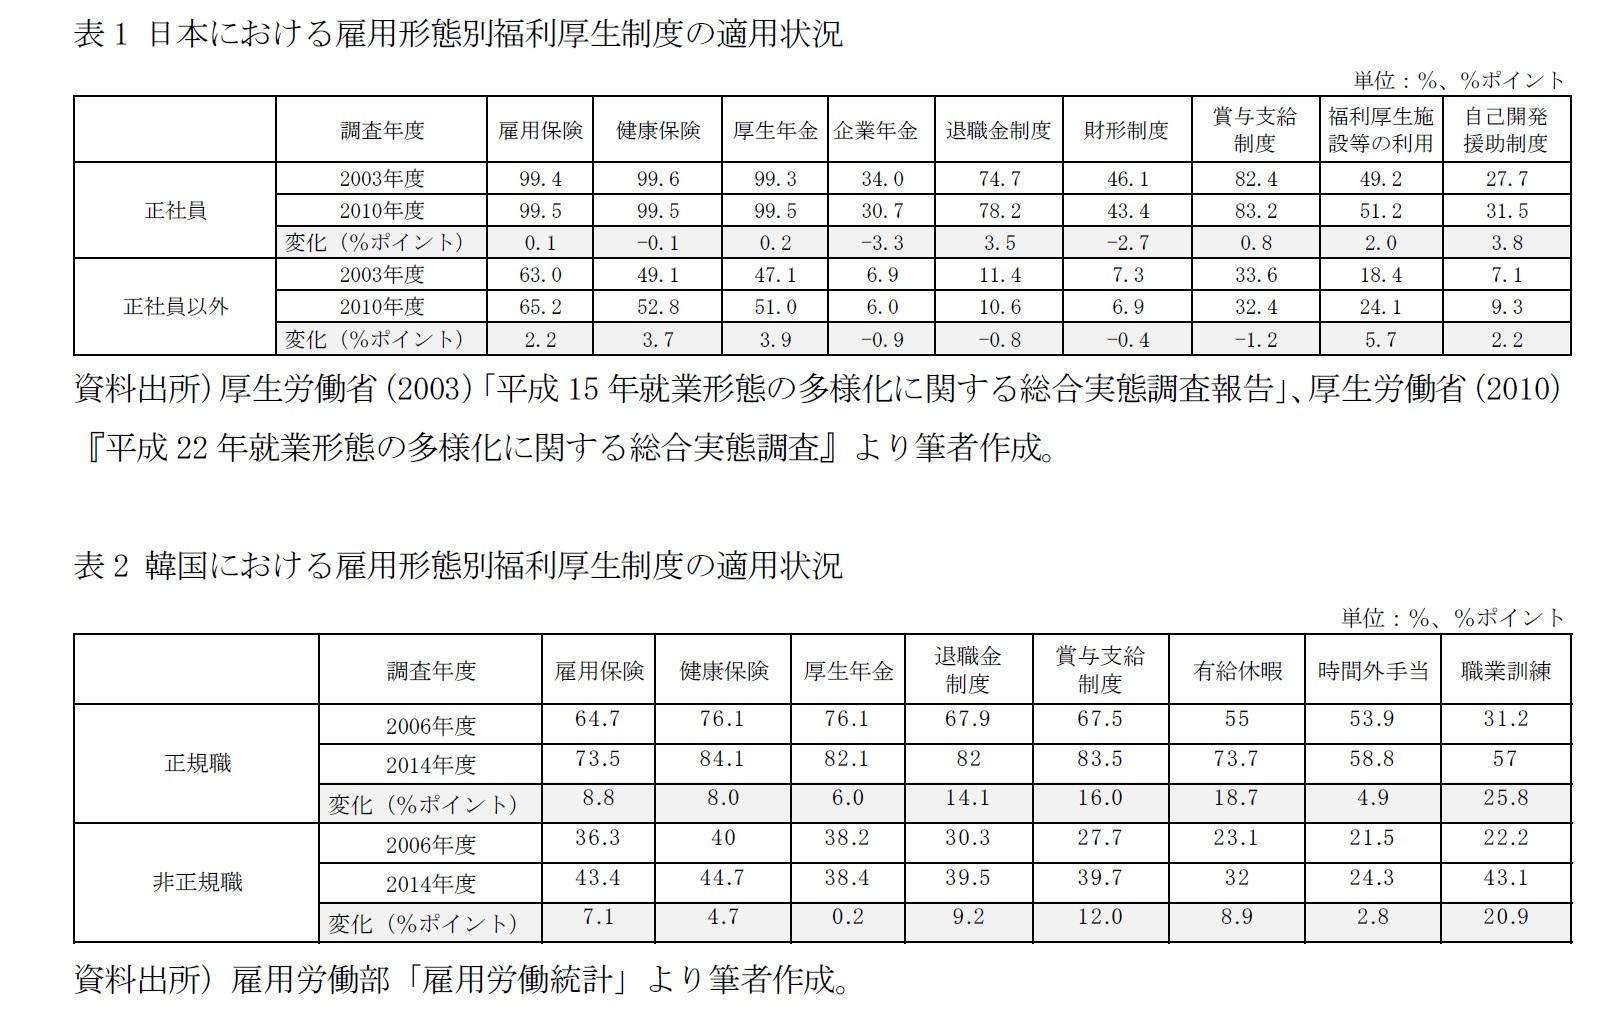 表1 日本における雇用形態別福利厚生制度の適用状況/表2 韓国における雇用形態別福利厚生制度の適用状況